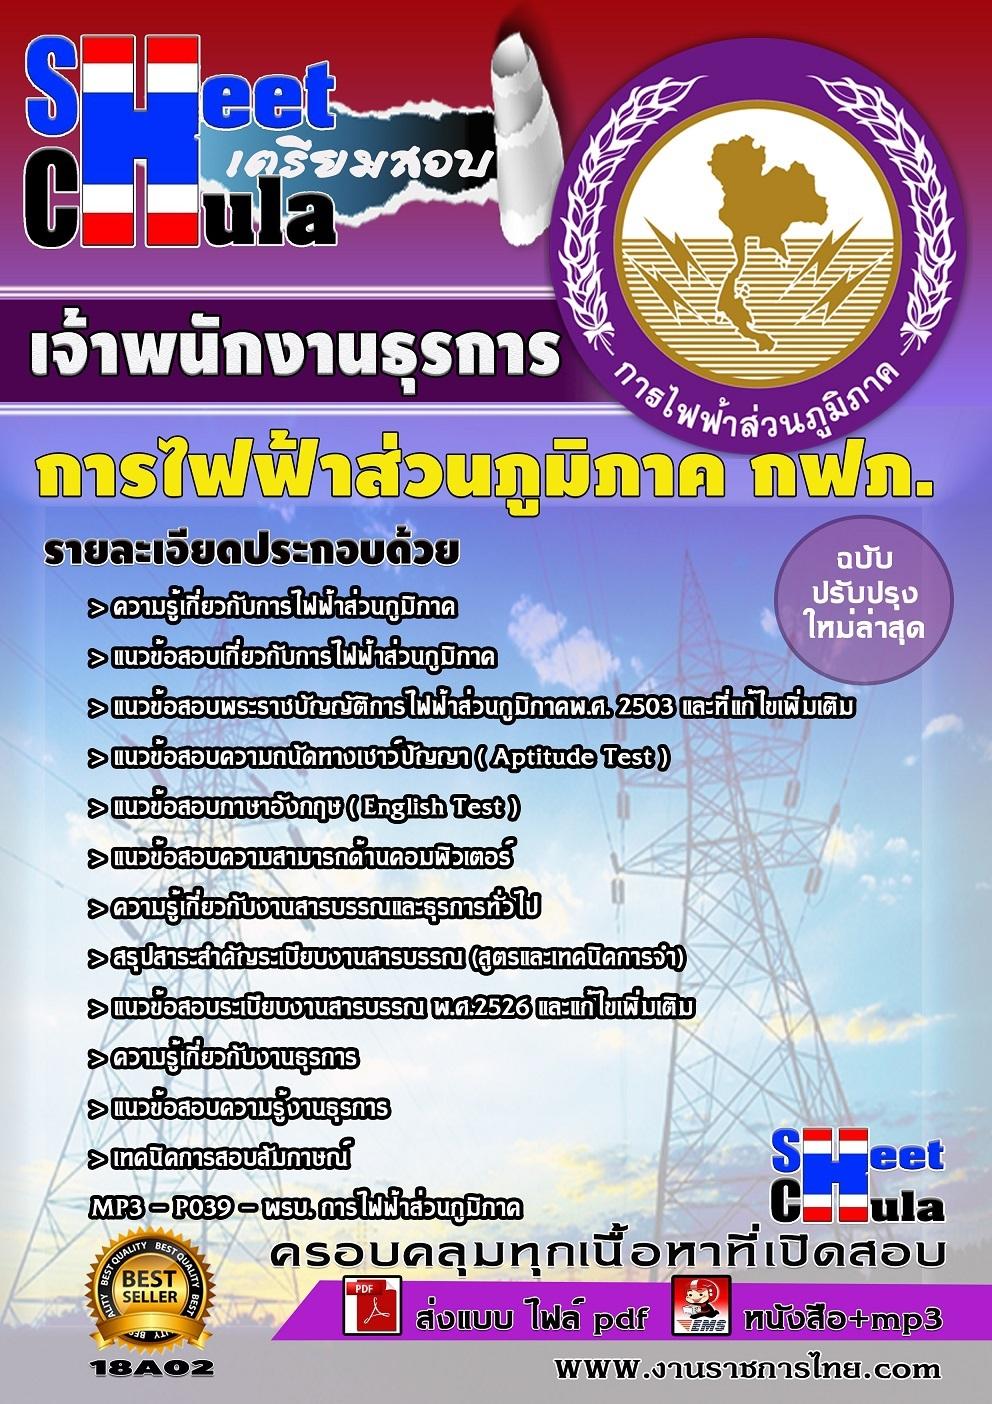 แนวข้อสอบเจ้าพนักงานธุรการ การไฟฟ้าส่วนภุมิภาค ประจำปี2560